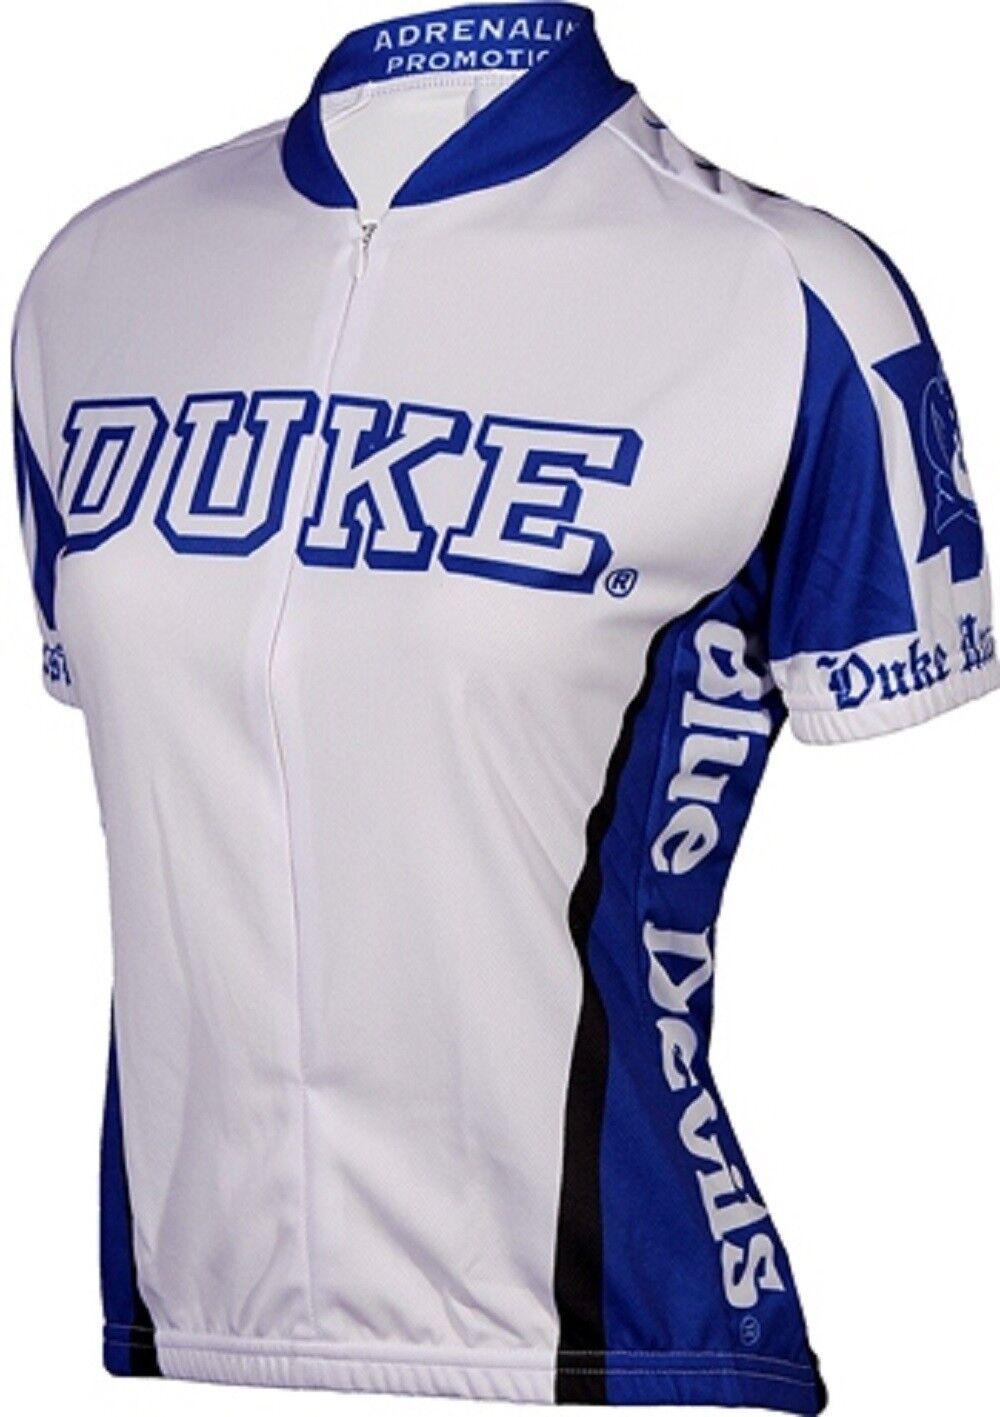 NCAA Women's Adrenaline Promotions Duke University bluee Devils Cycling Jersey   sales online